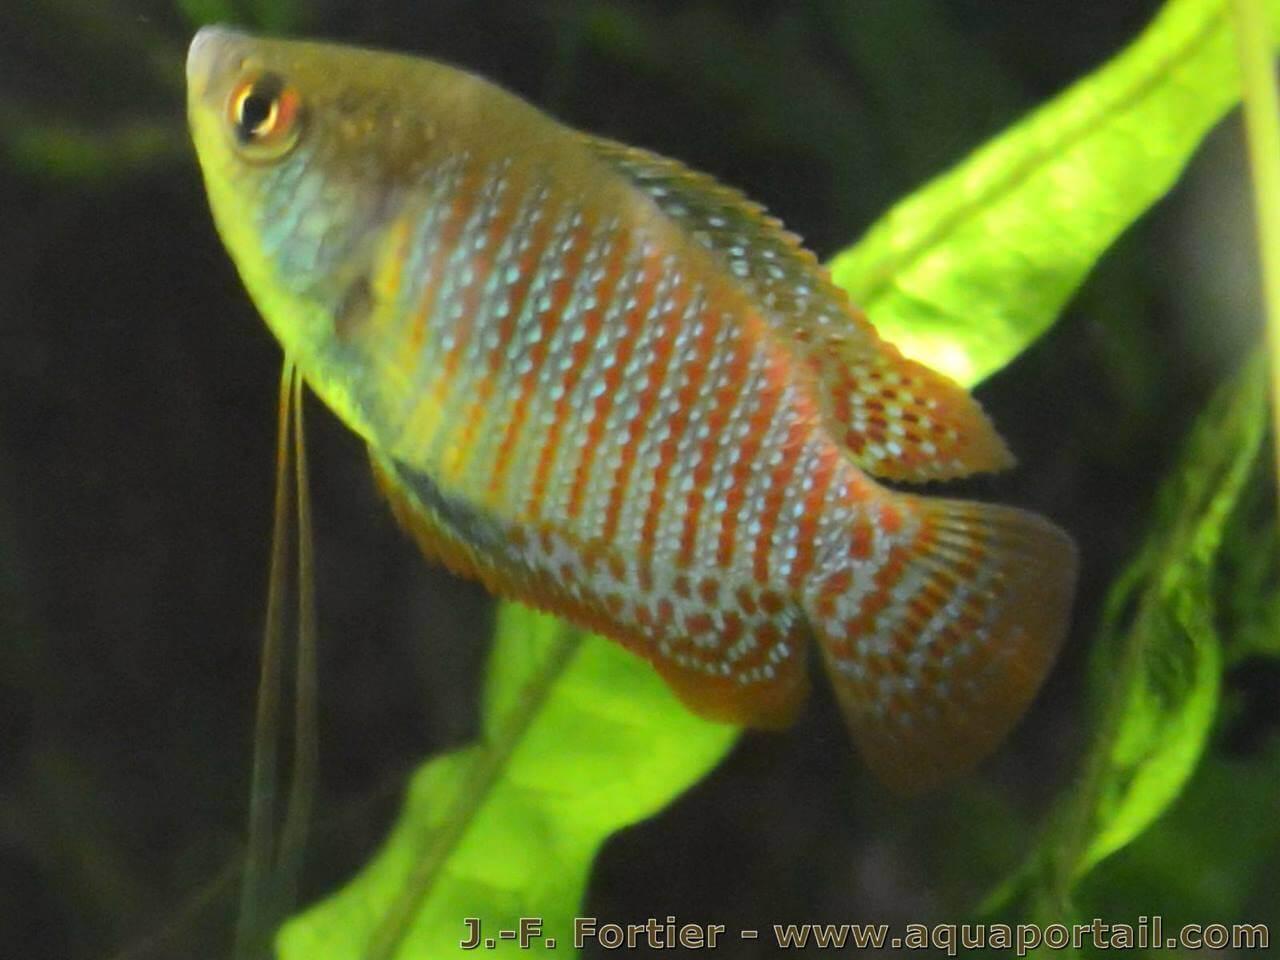 L'aquarium de Protector - Page 3 Male-trichogaster-lalius-colisa-lalia-sauvage